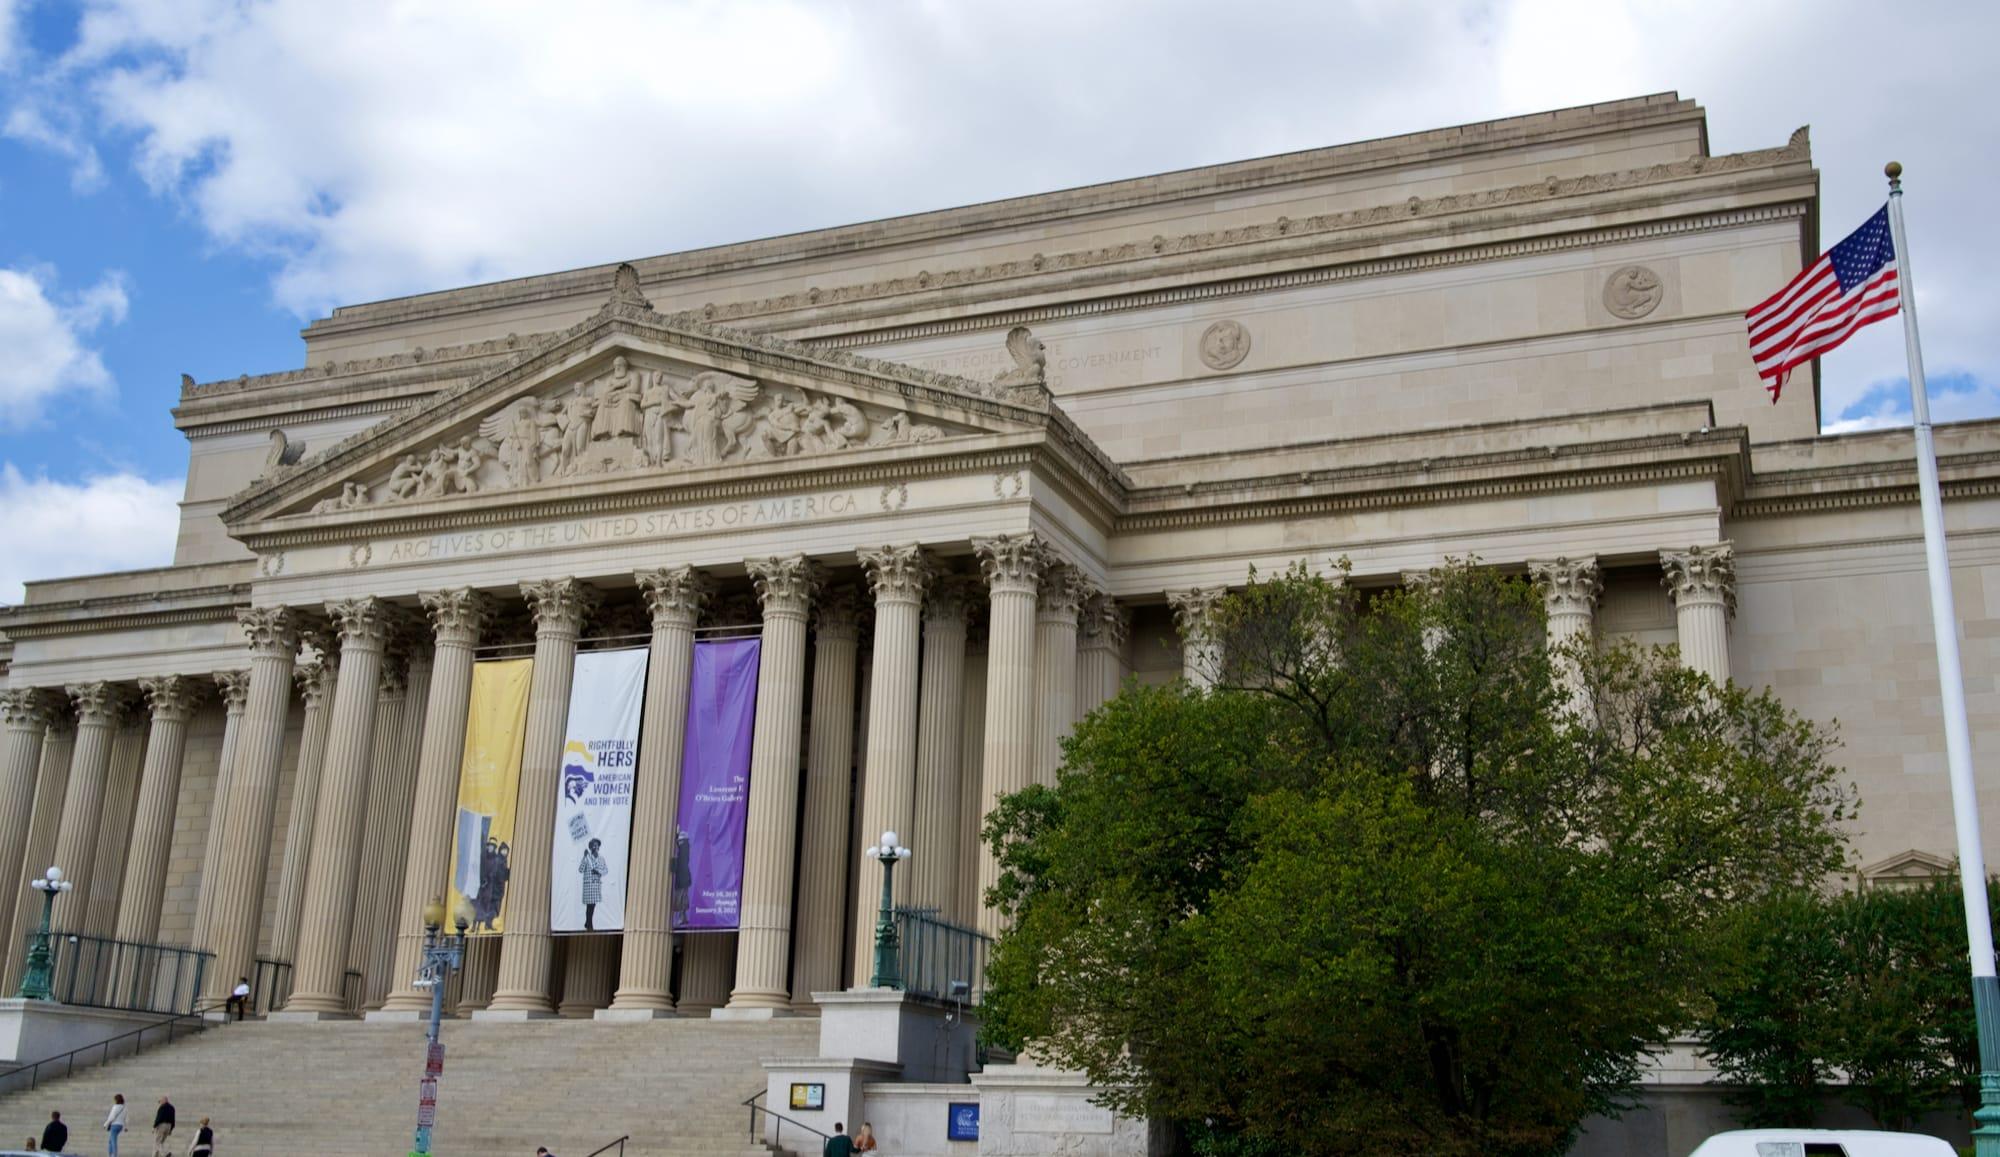 Washington National Archives